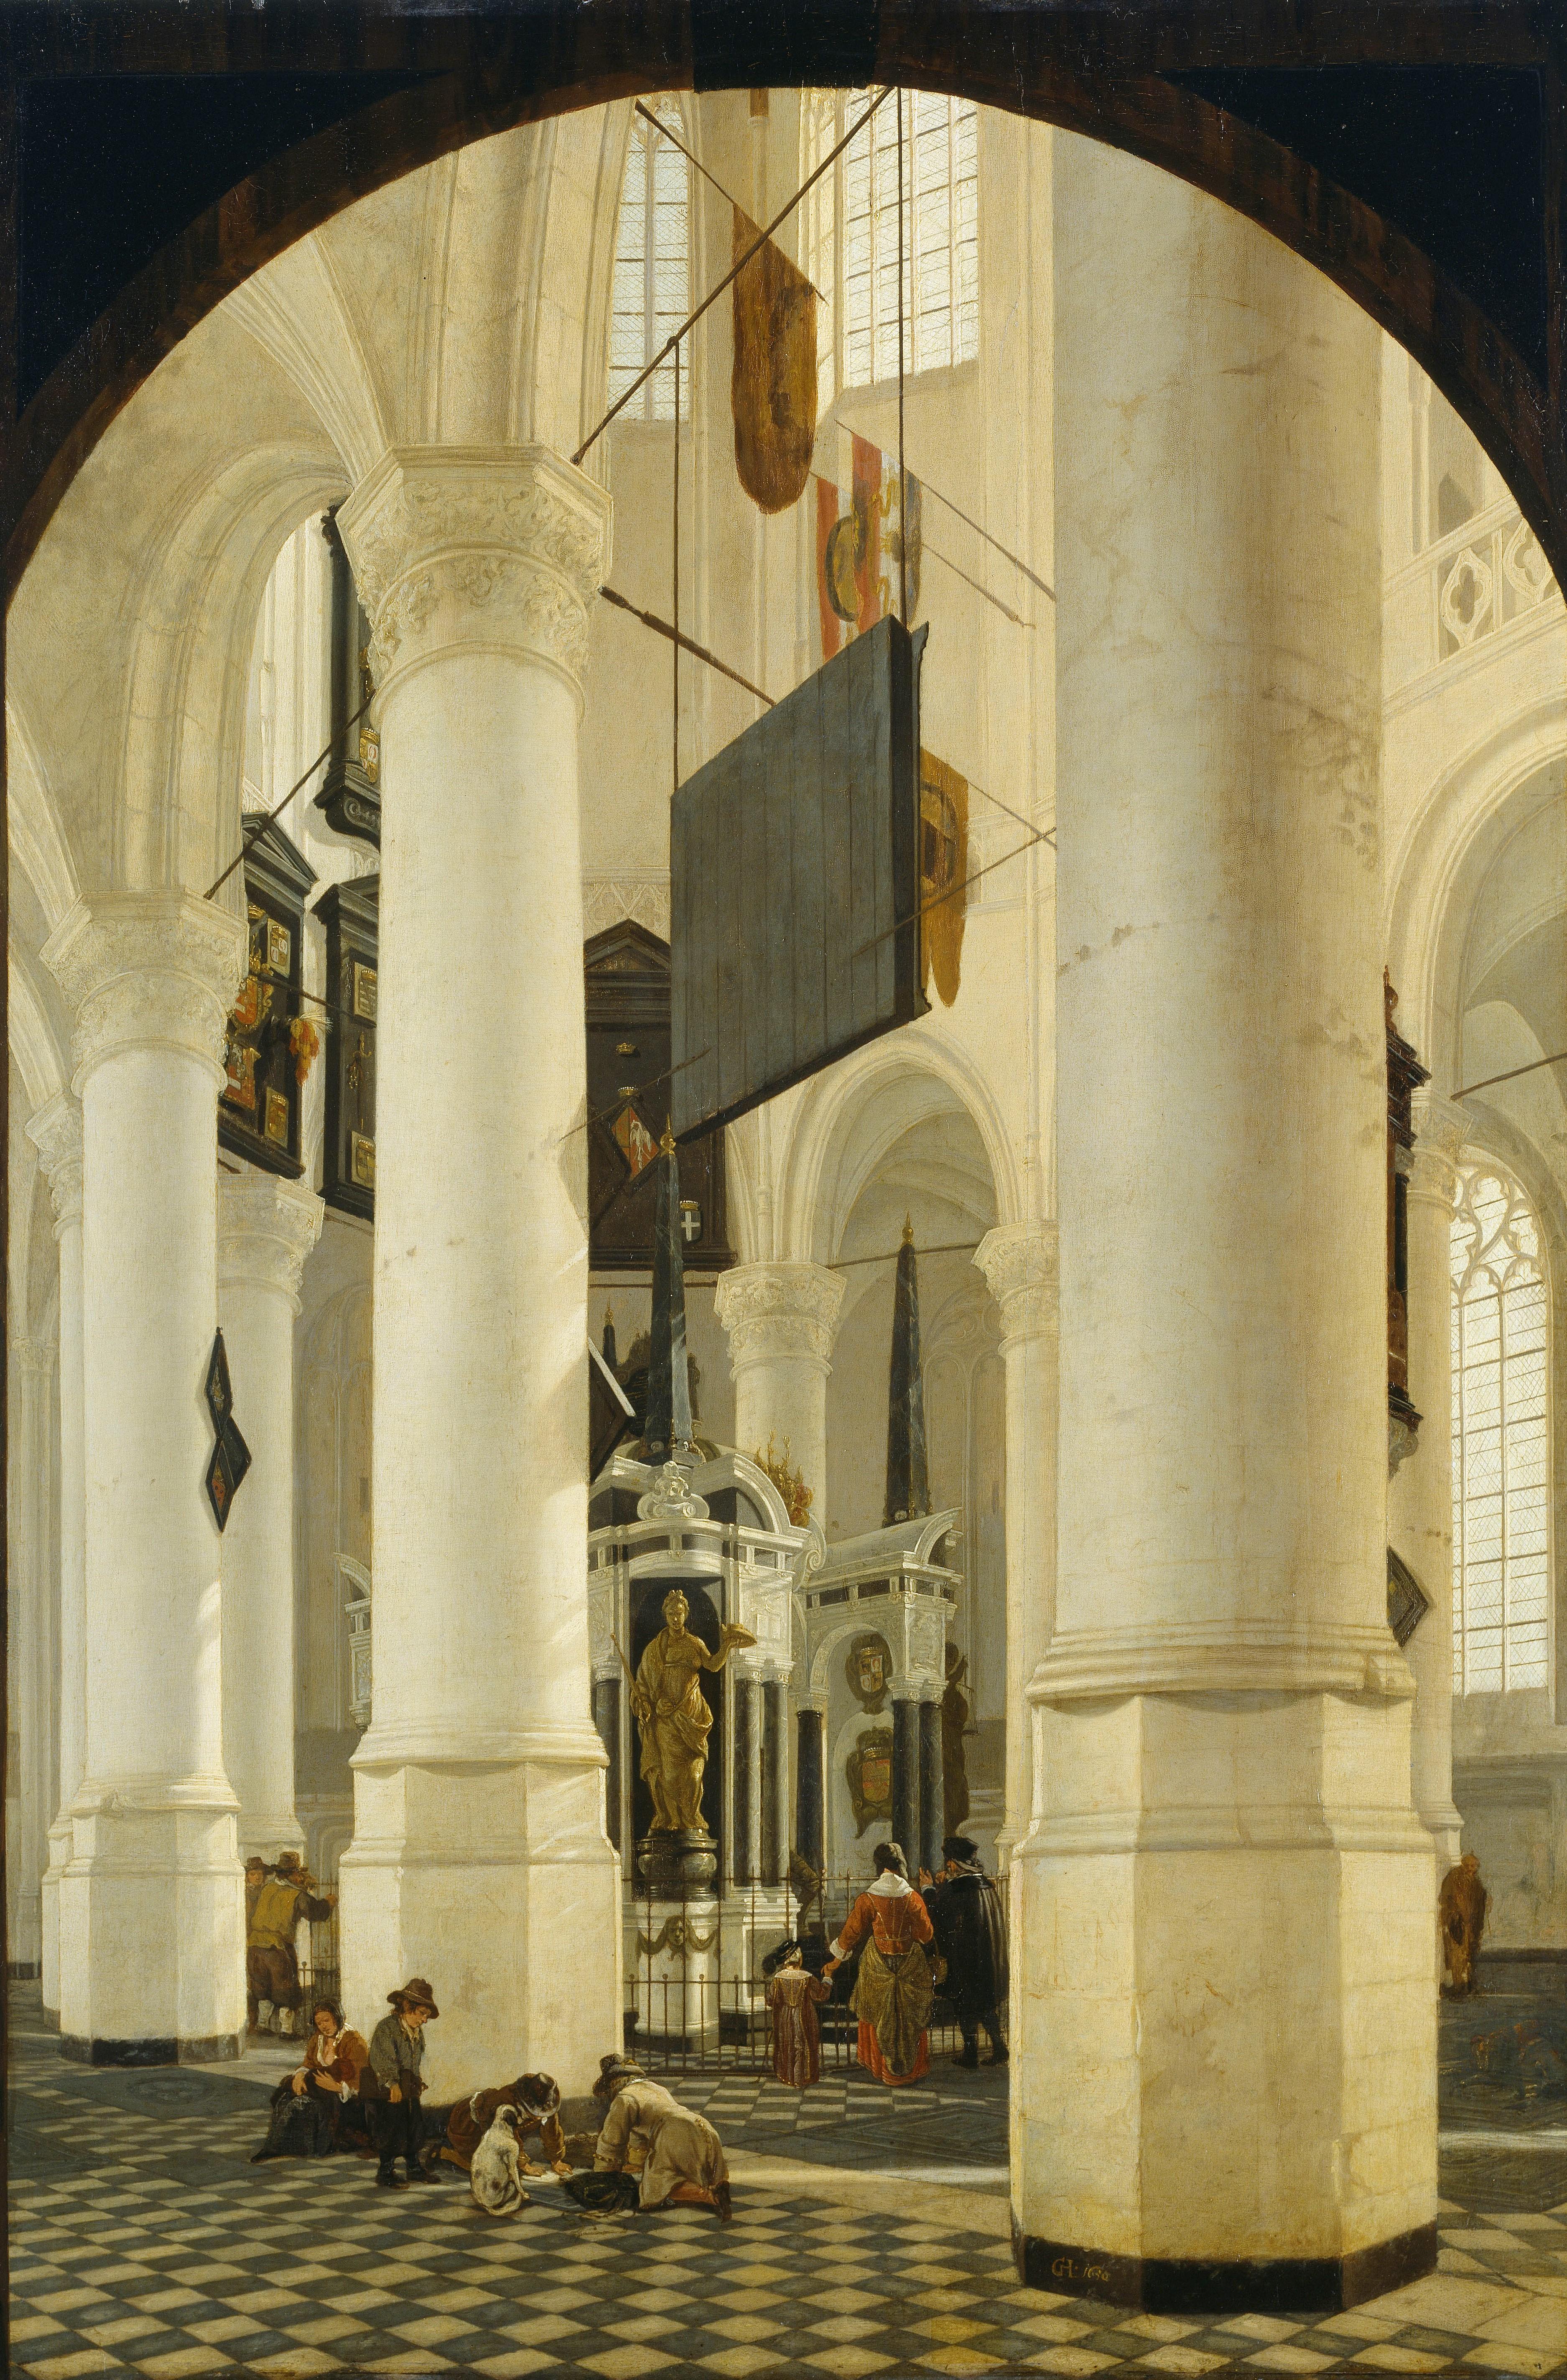 Gerard Houckgeest, Der Chor der Nieuwe Kerk in Delft mit dem Grabmal Willems I. von Oranje, 1650, Hamburger Kunsthalle, Foto: Elke Walford